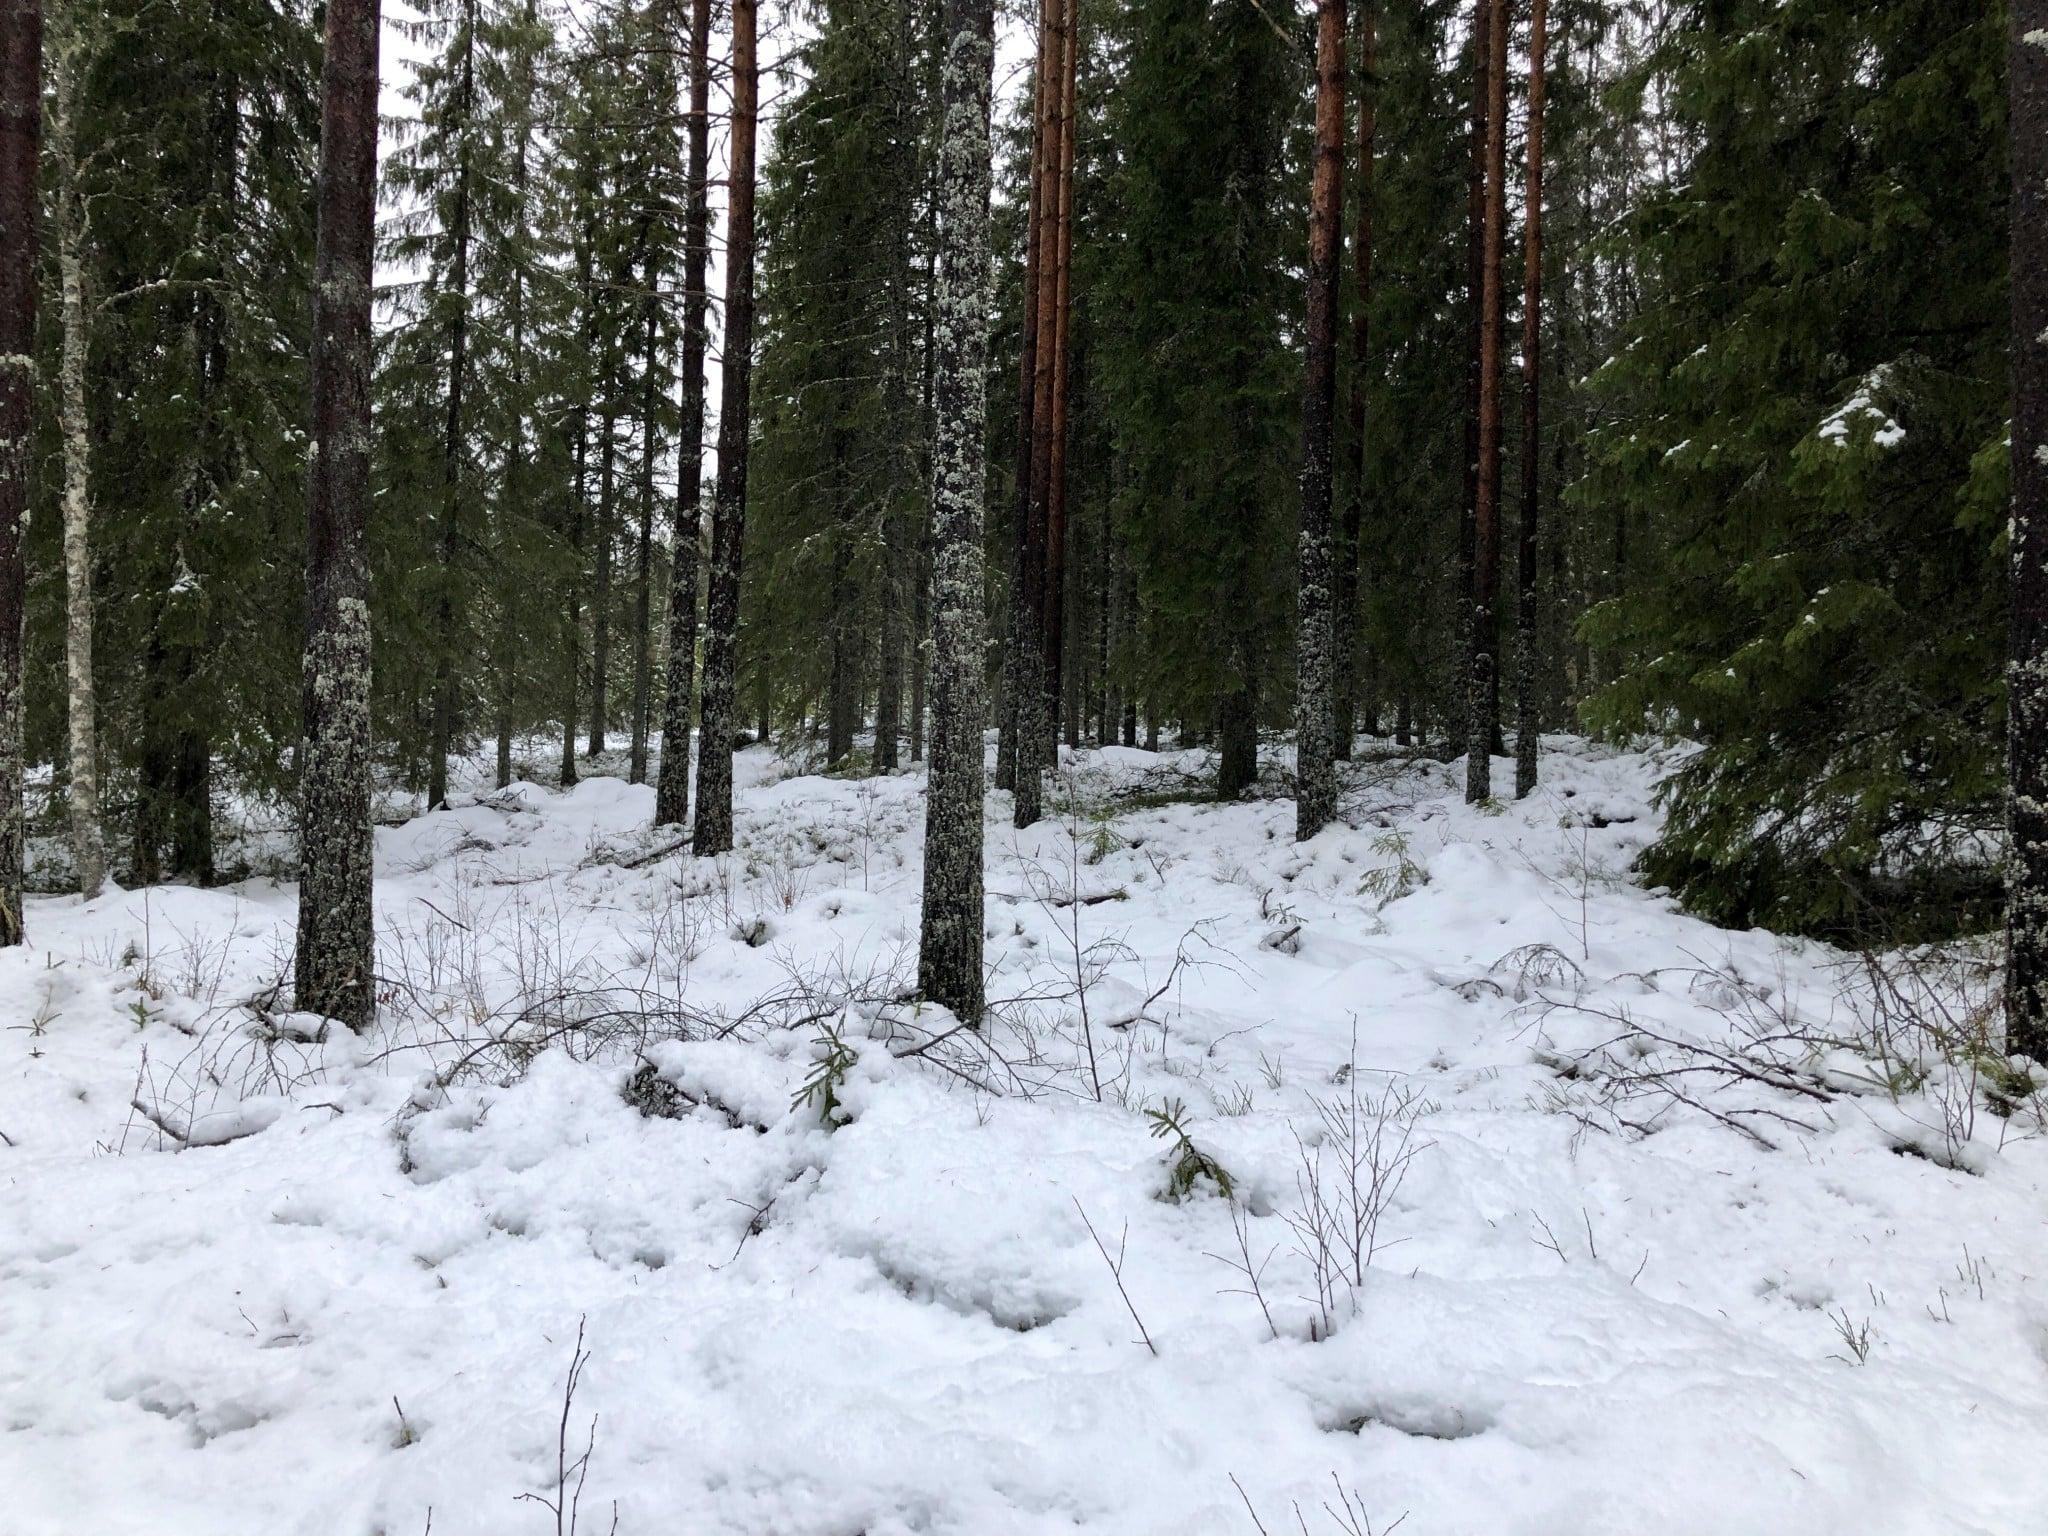 Så här ser snöläget ut just nu i Vimyrenreviret, Värmland.